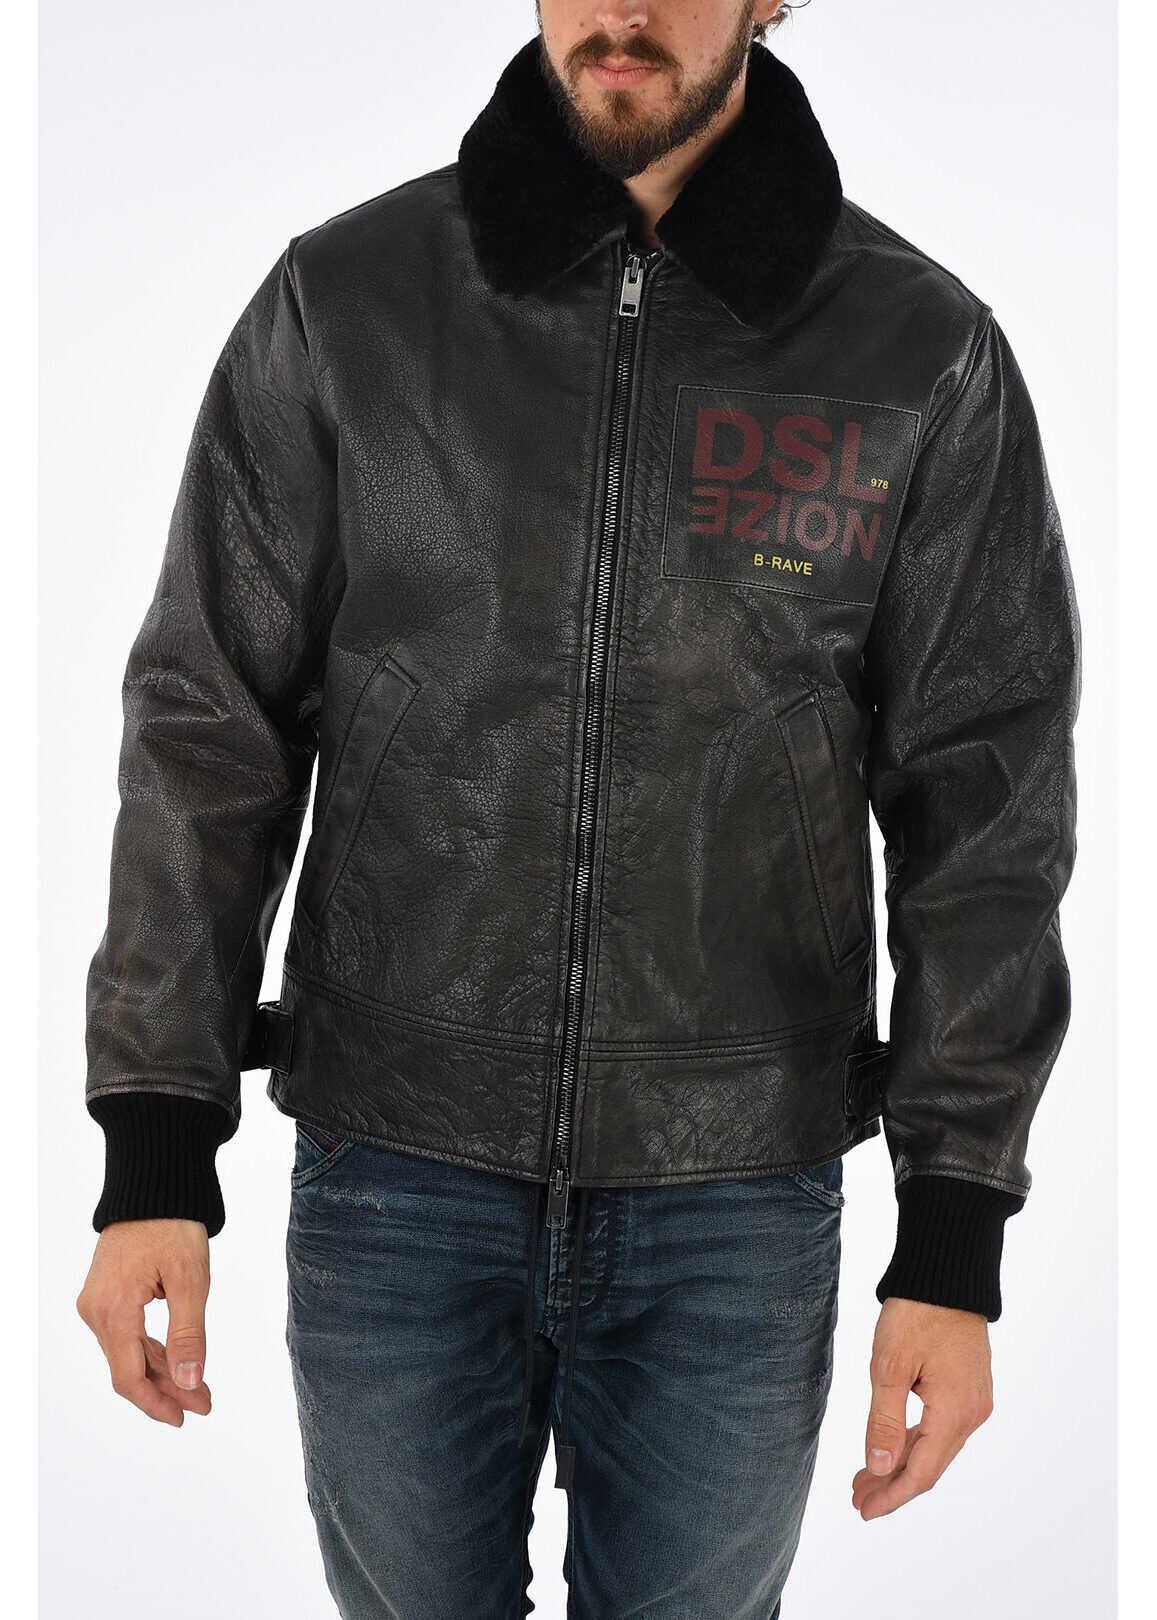 Diesel Leather L-BOWDRE-PAINT Jacket BLACK imagine